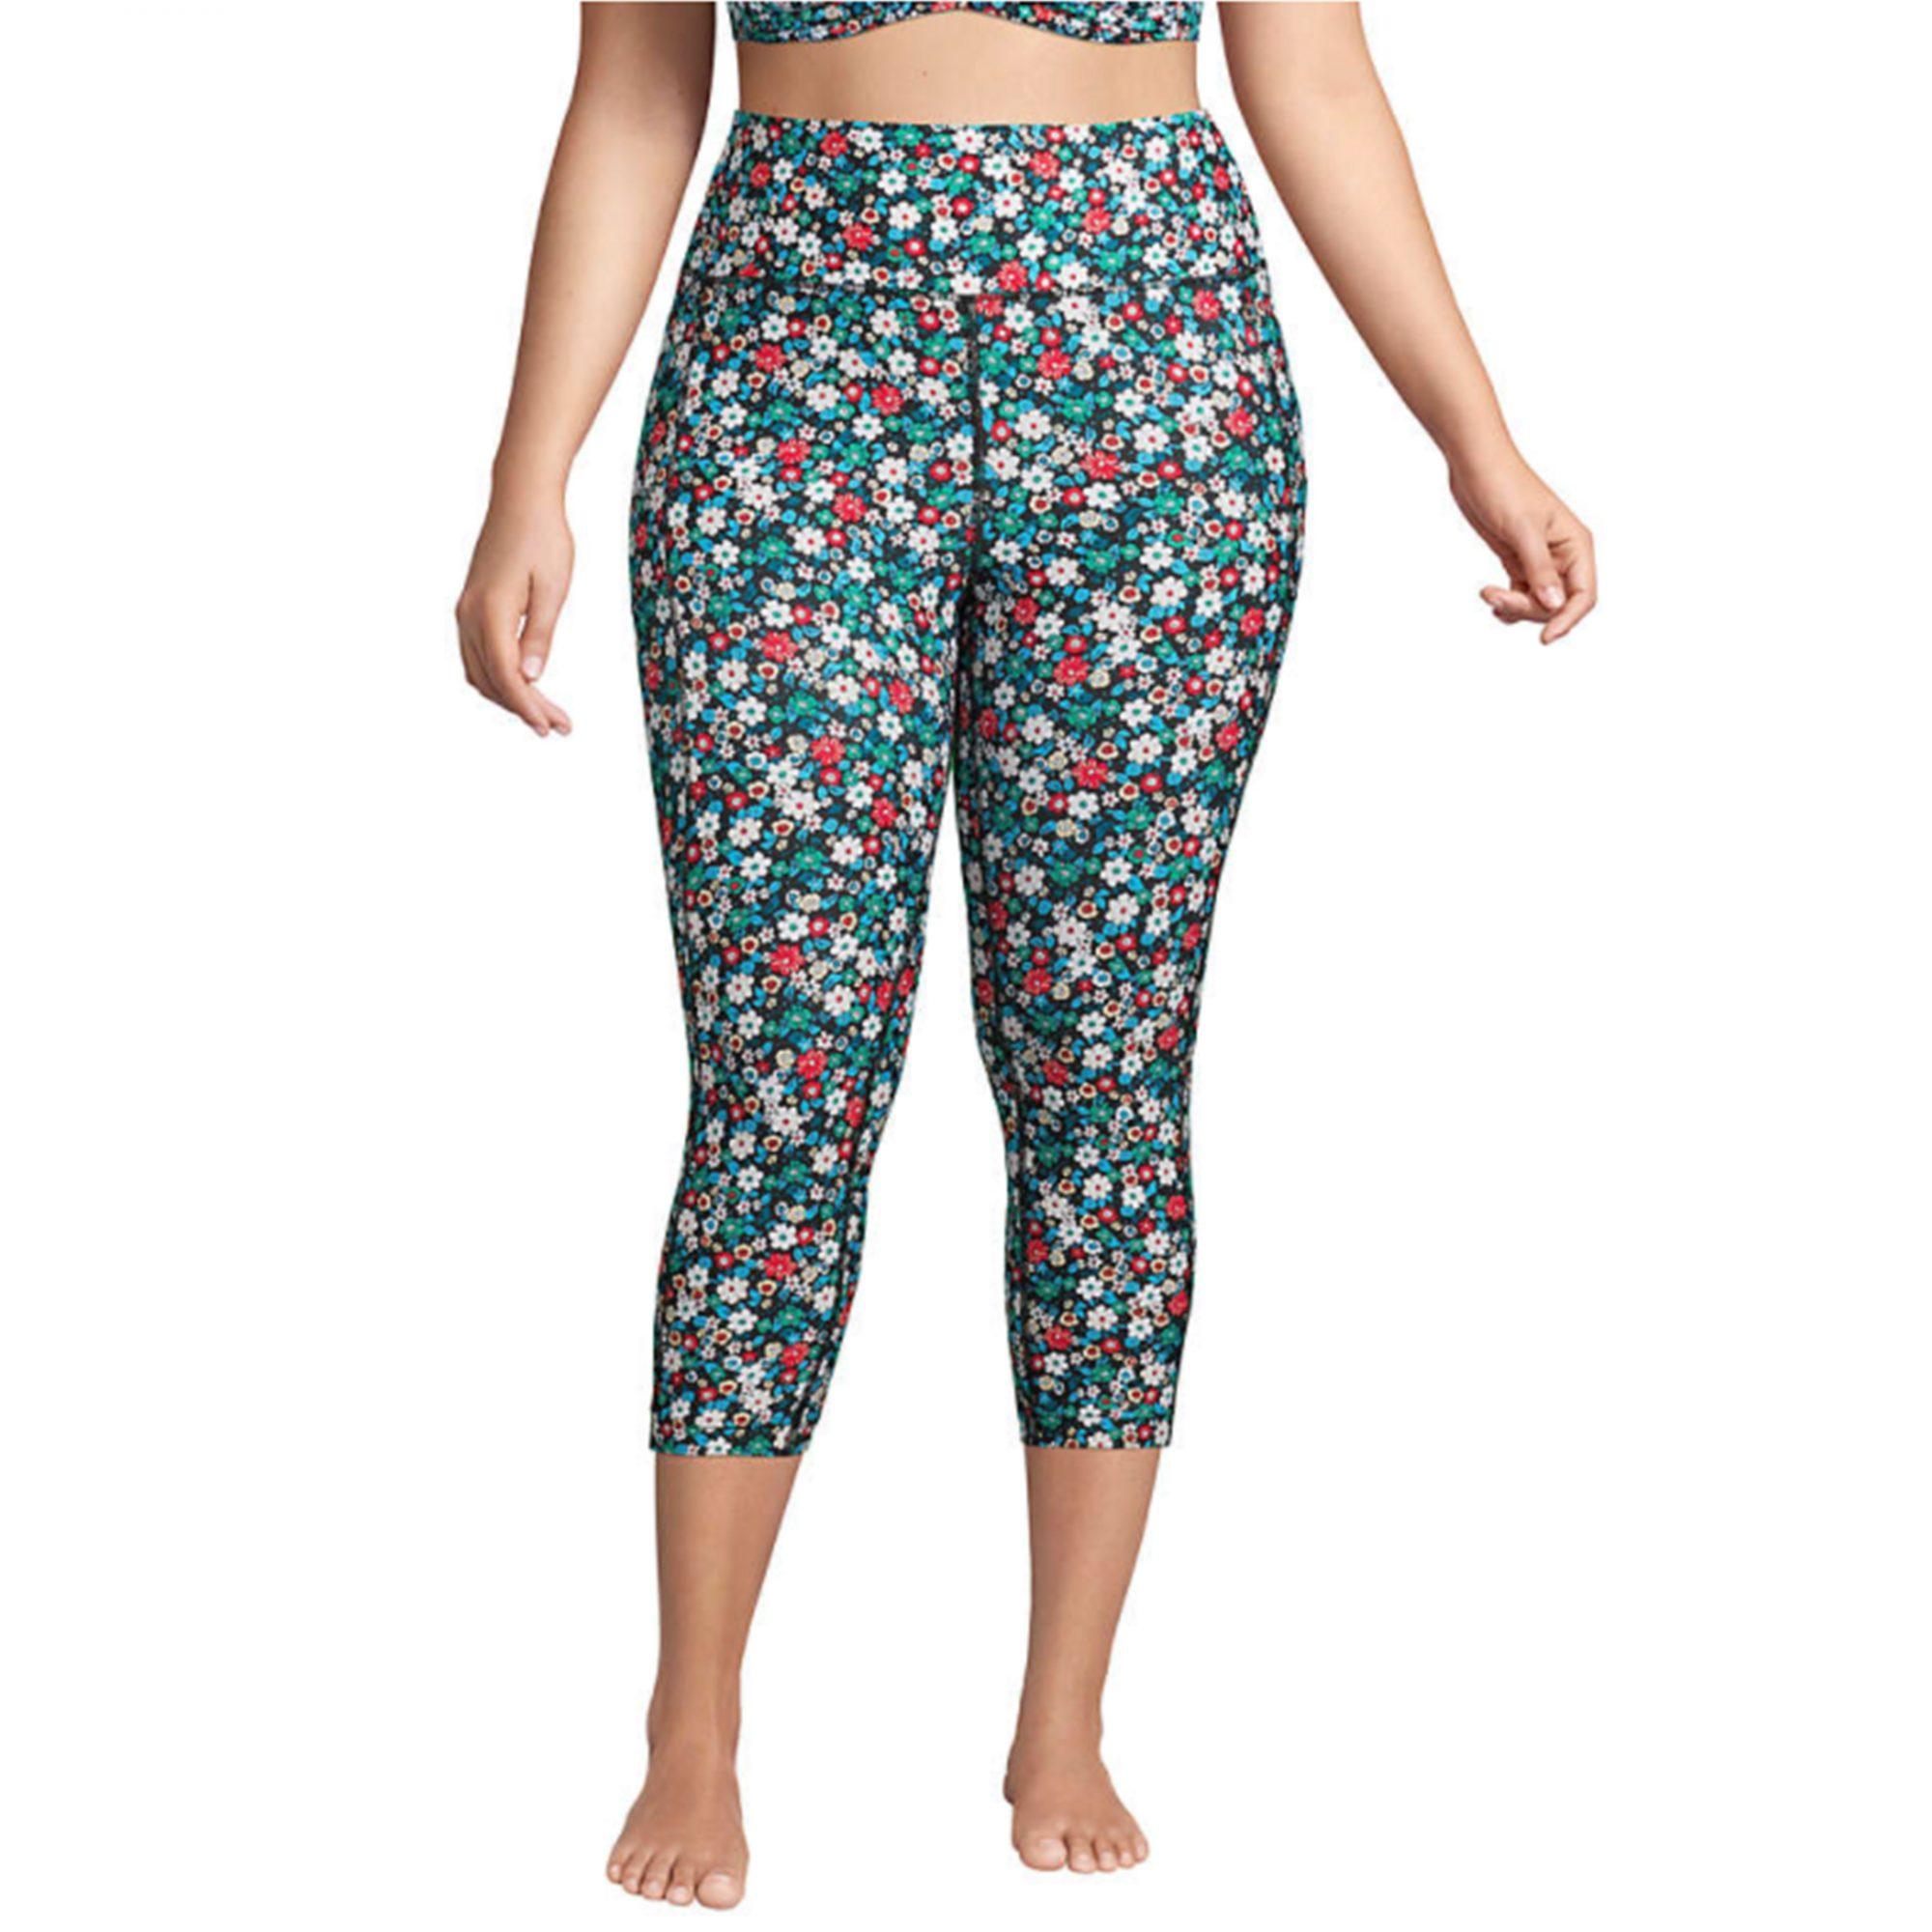 plus-size-swim-leggings